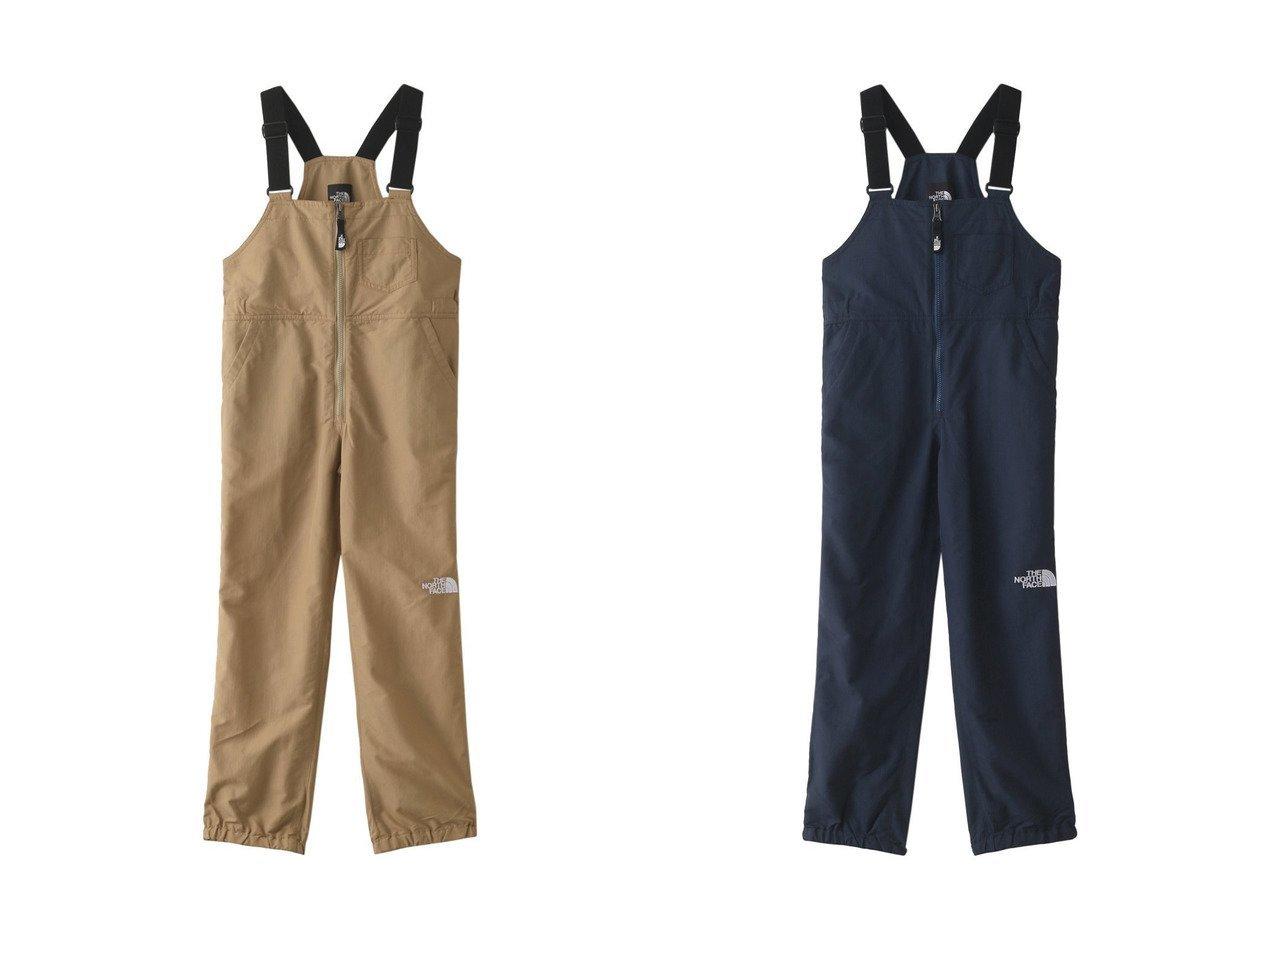 【THE NORTH FACE / KIDS/ザ ノース フェイス】の【KIDS】フィールドビブ 【KIDS】子供服のおすすめ!人気トレンド・キッズファッションの通販  おすすめで人気の流行・トレンド、ファッションの通販商品 メンズファッション・キッズファッション・インテリア・家具・レディースファッション・服の通販 founy(ファニー) https://founy.com/ ファッション Fashion キッズファッション KIDS ボトムス Bottoms/Kids リップ 軽量 |ID:crp329100000034833